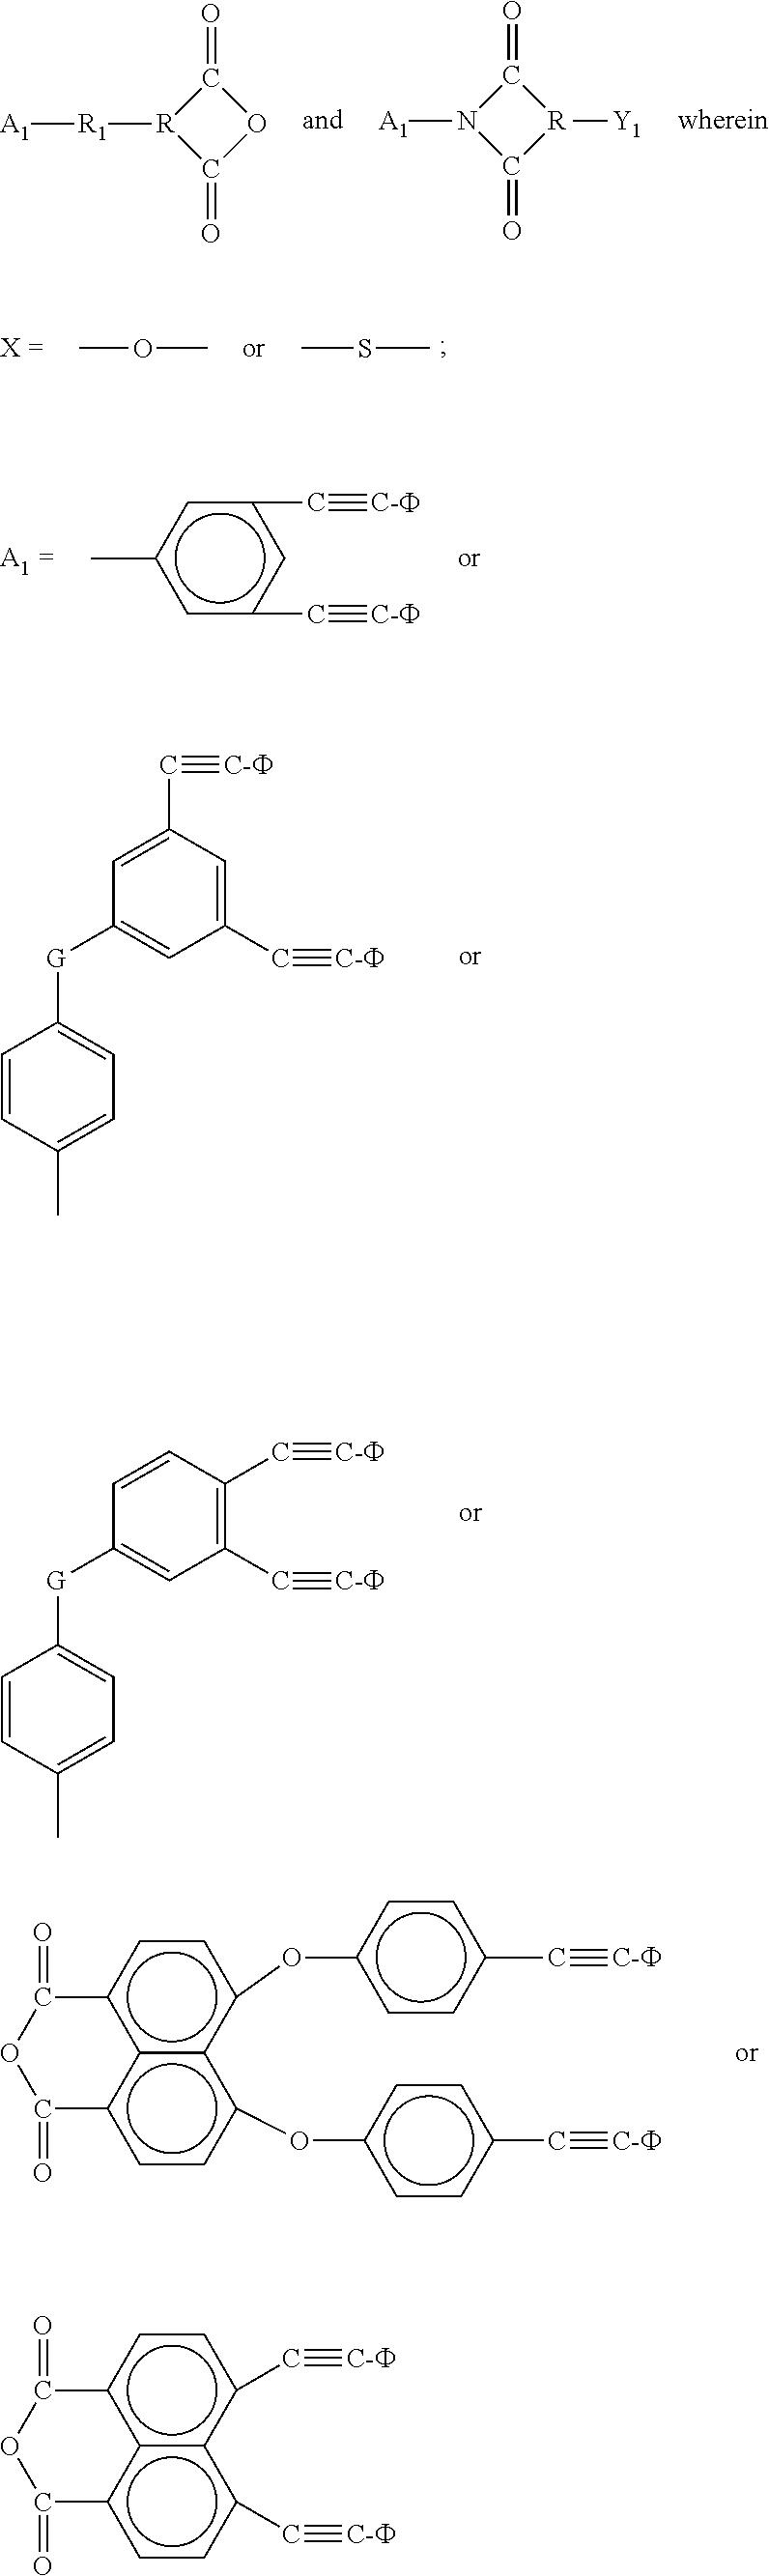 Figure US08106142-20120131-C00042